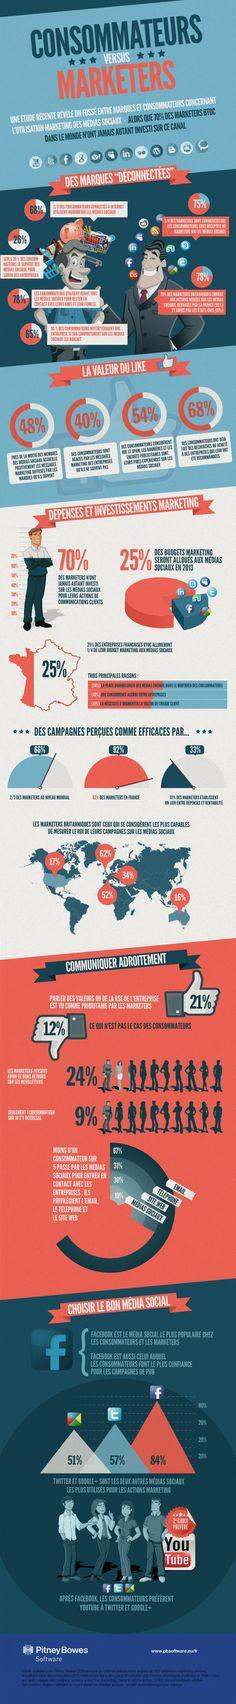 Moins d'1 consommateur sur 5 passe par les médias sociaux pour contacter une entreprise #digitalmarketing